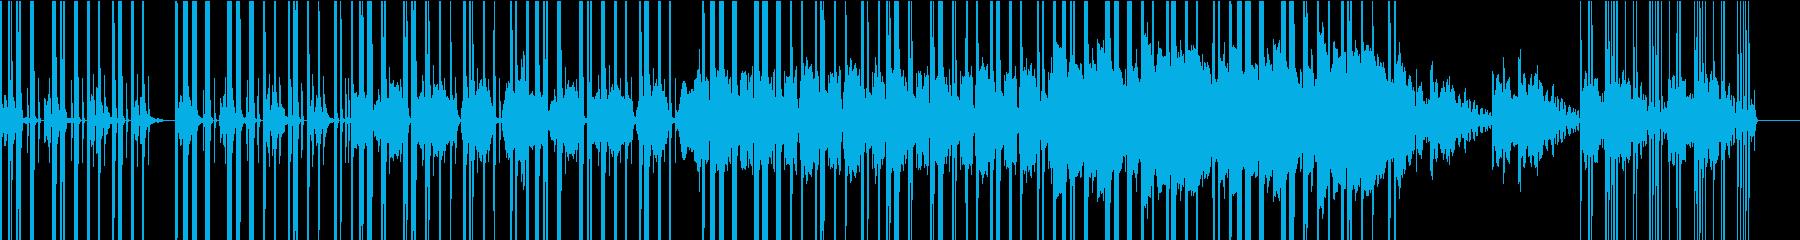 【LoFi hiphop】 ゆったり勉強の再生済みの波形